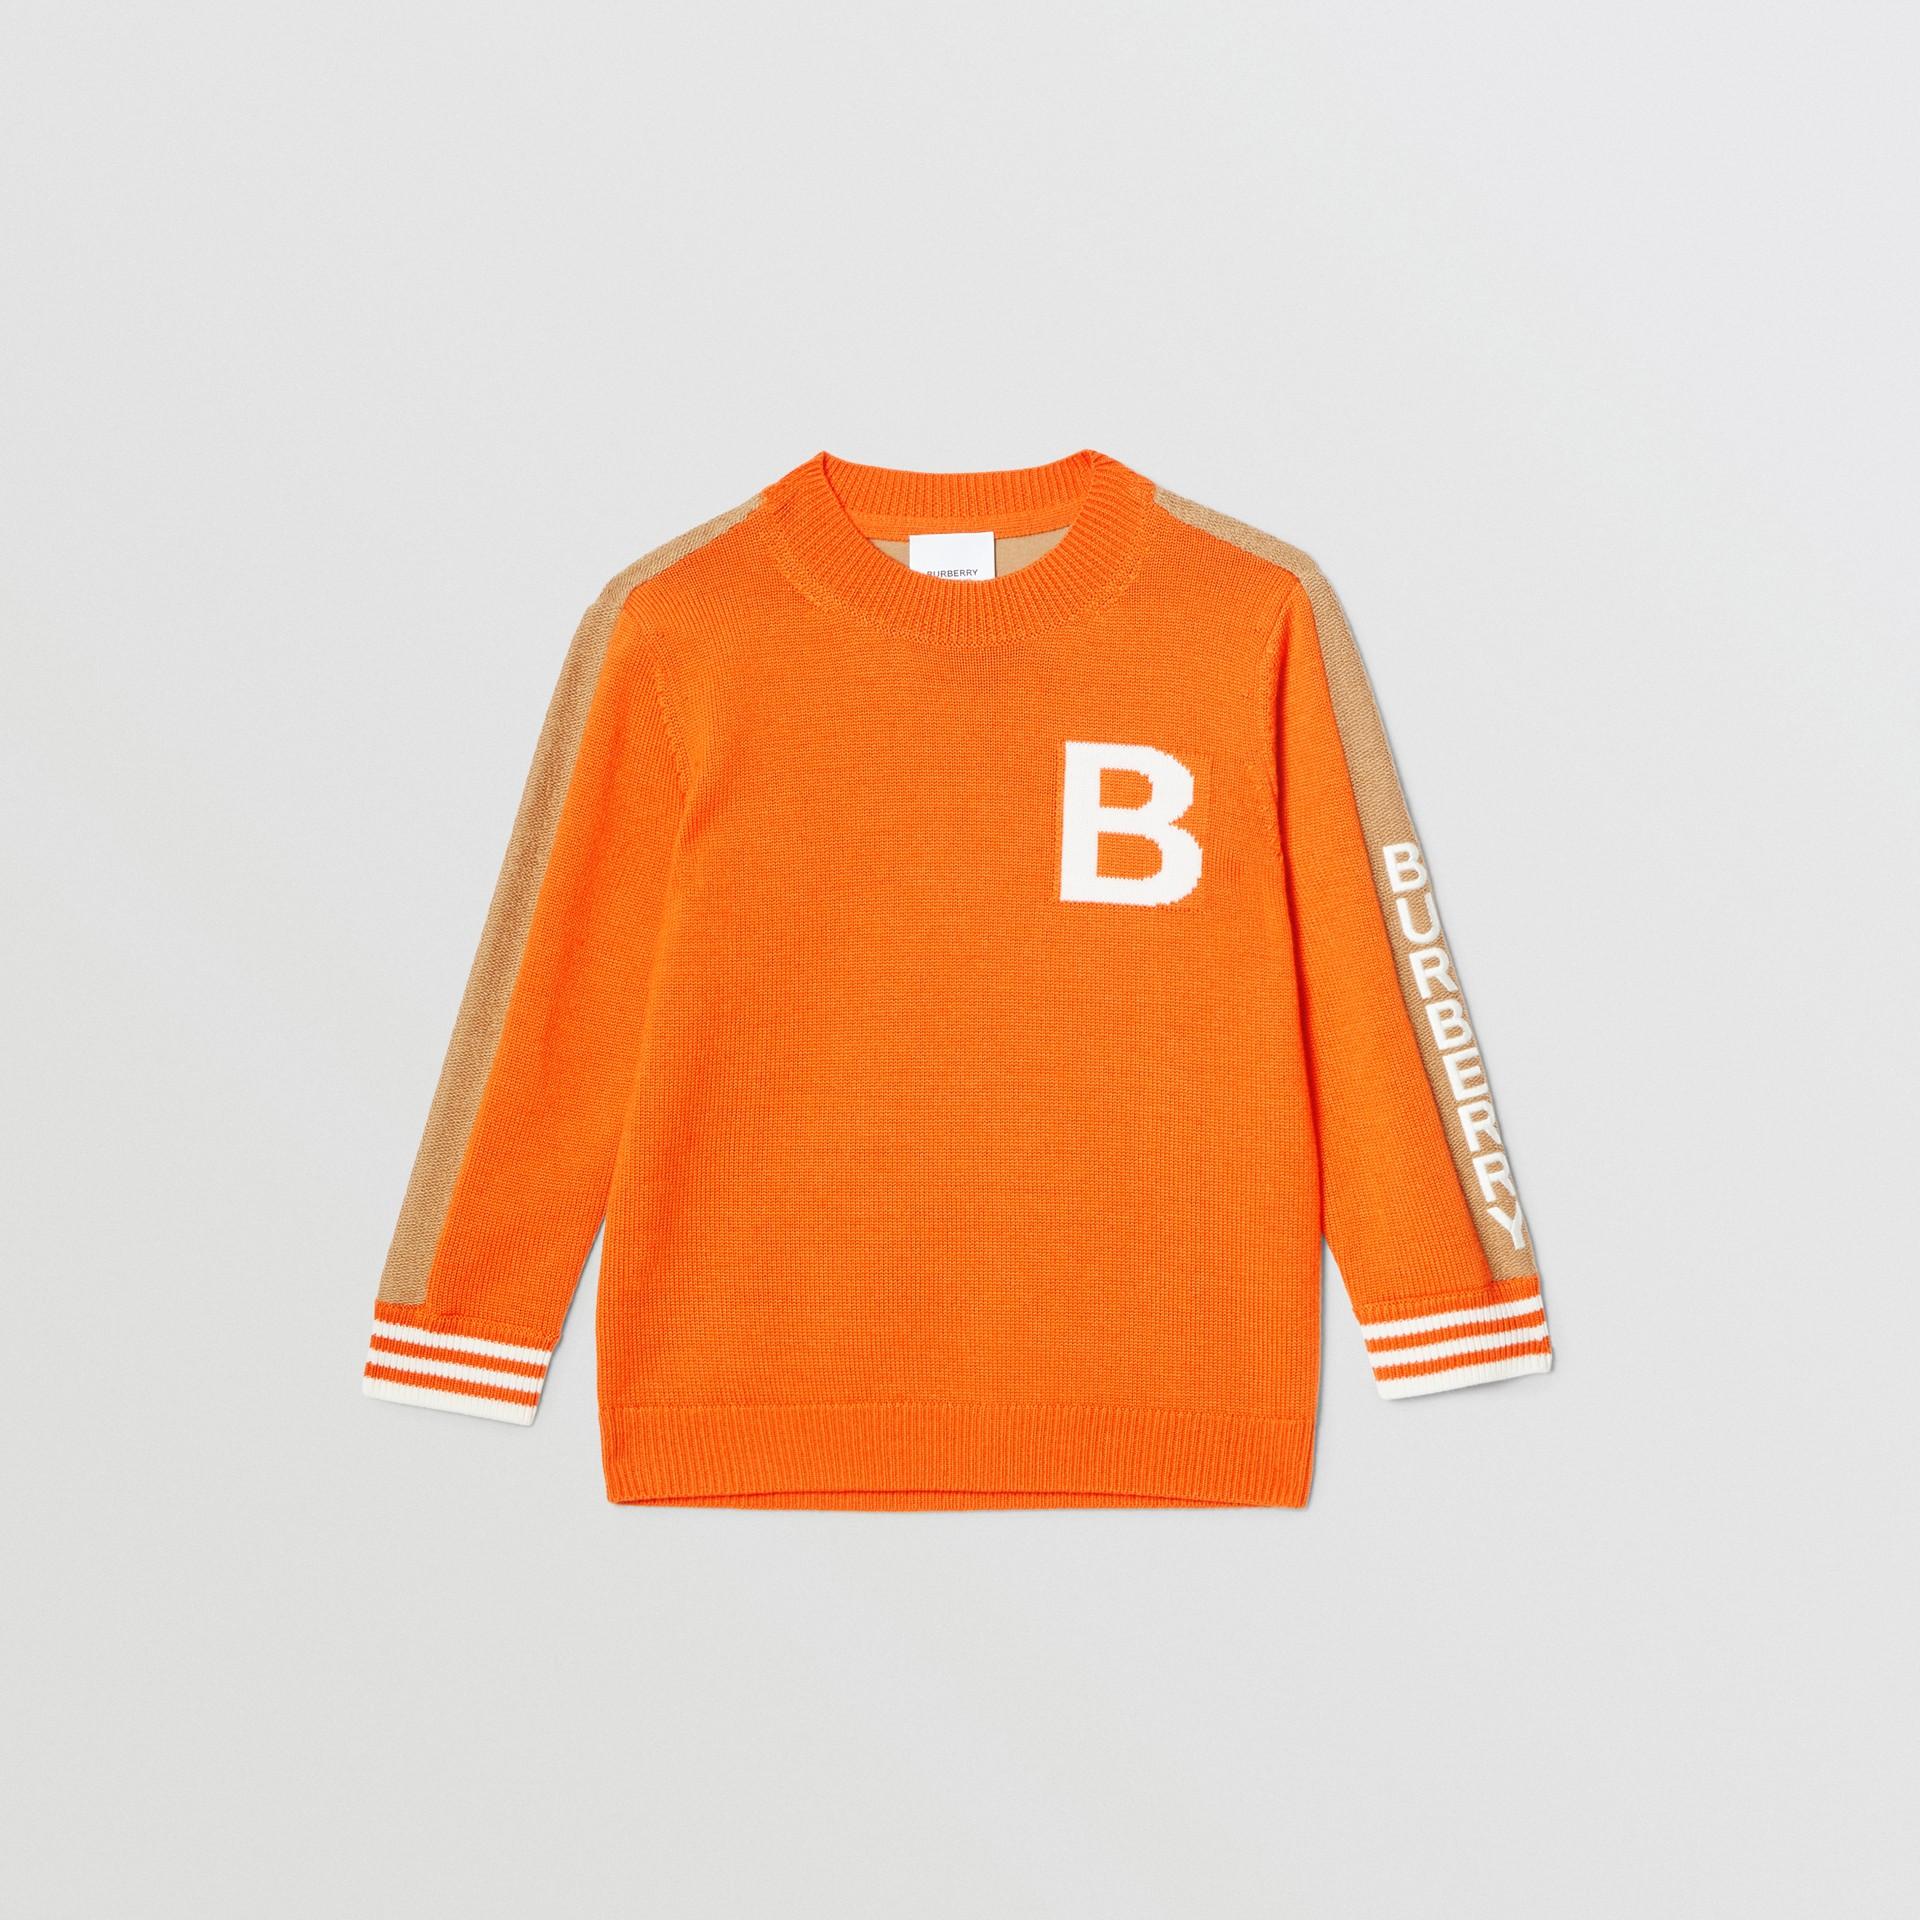 Bモチーフ メリノウール ジャカードセーター (ブライトオレンジ) | バーバリー - ギャラリーイメージ 0